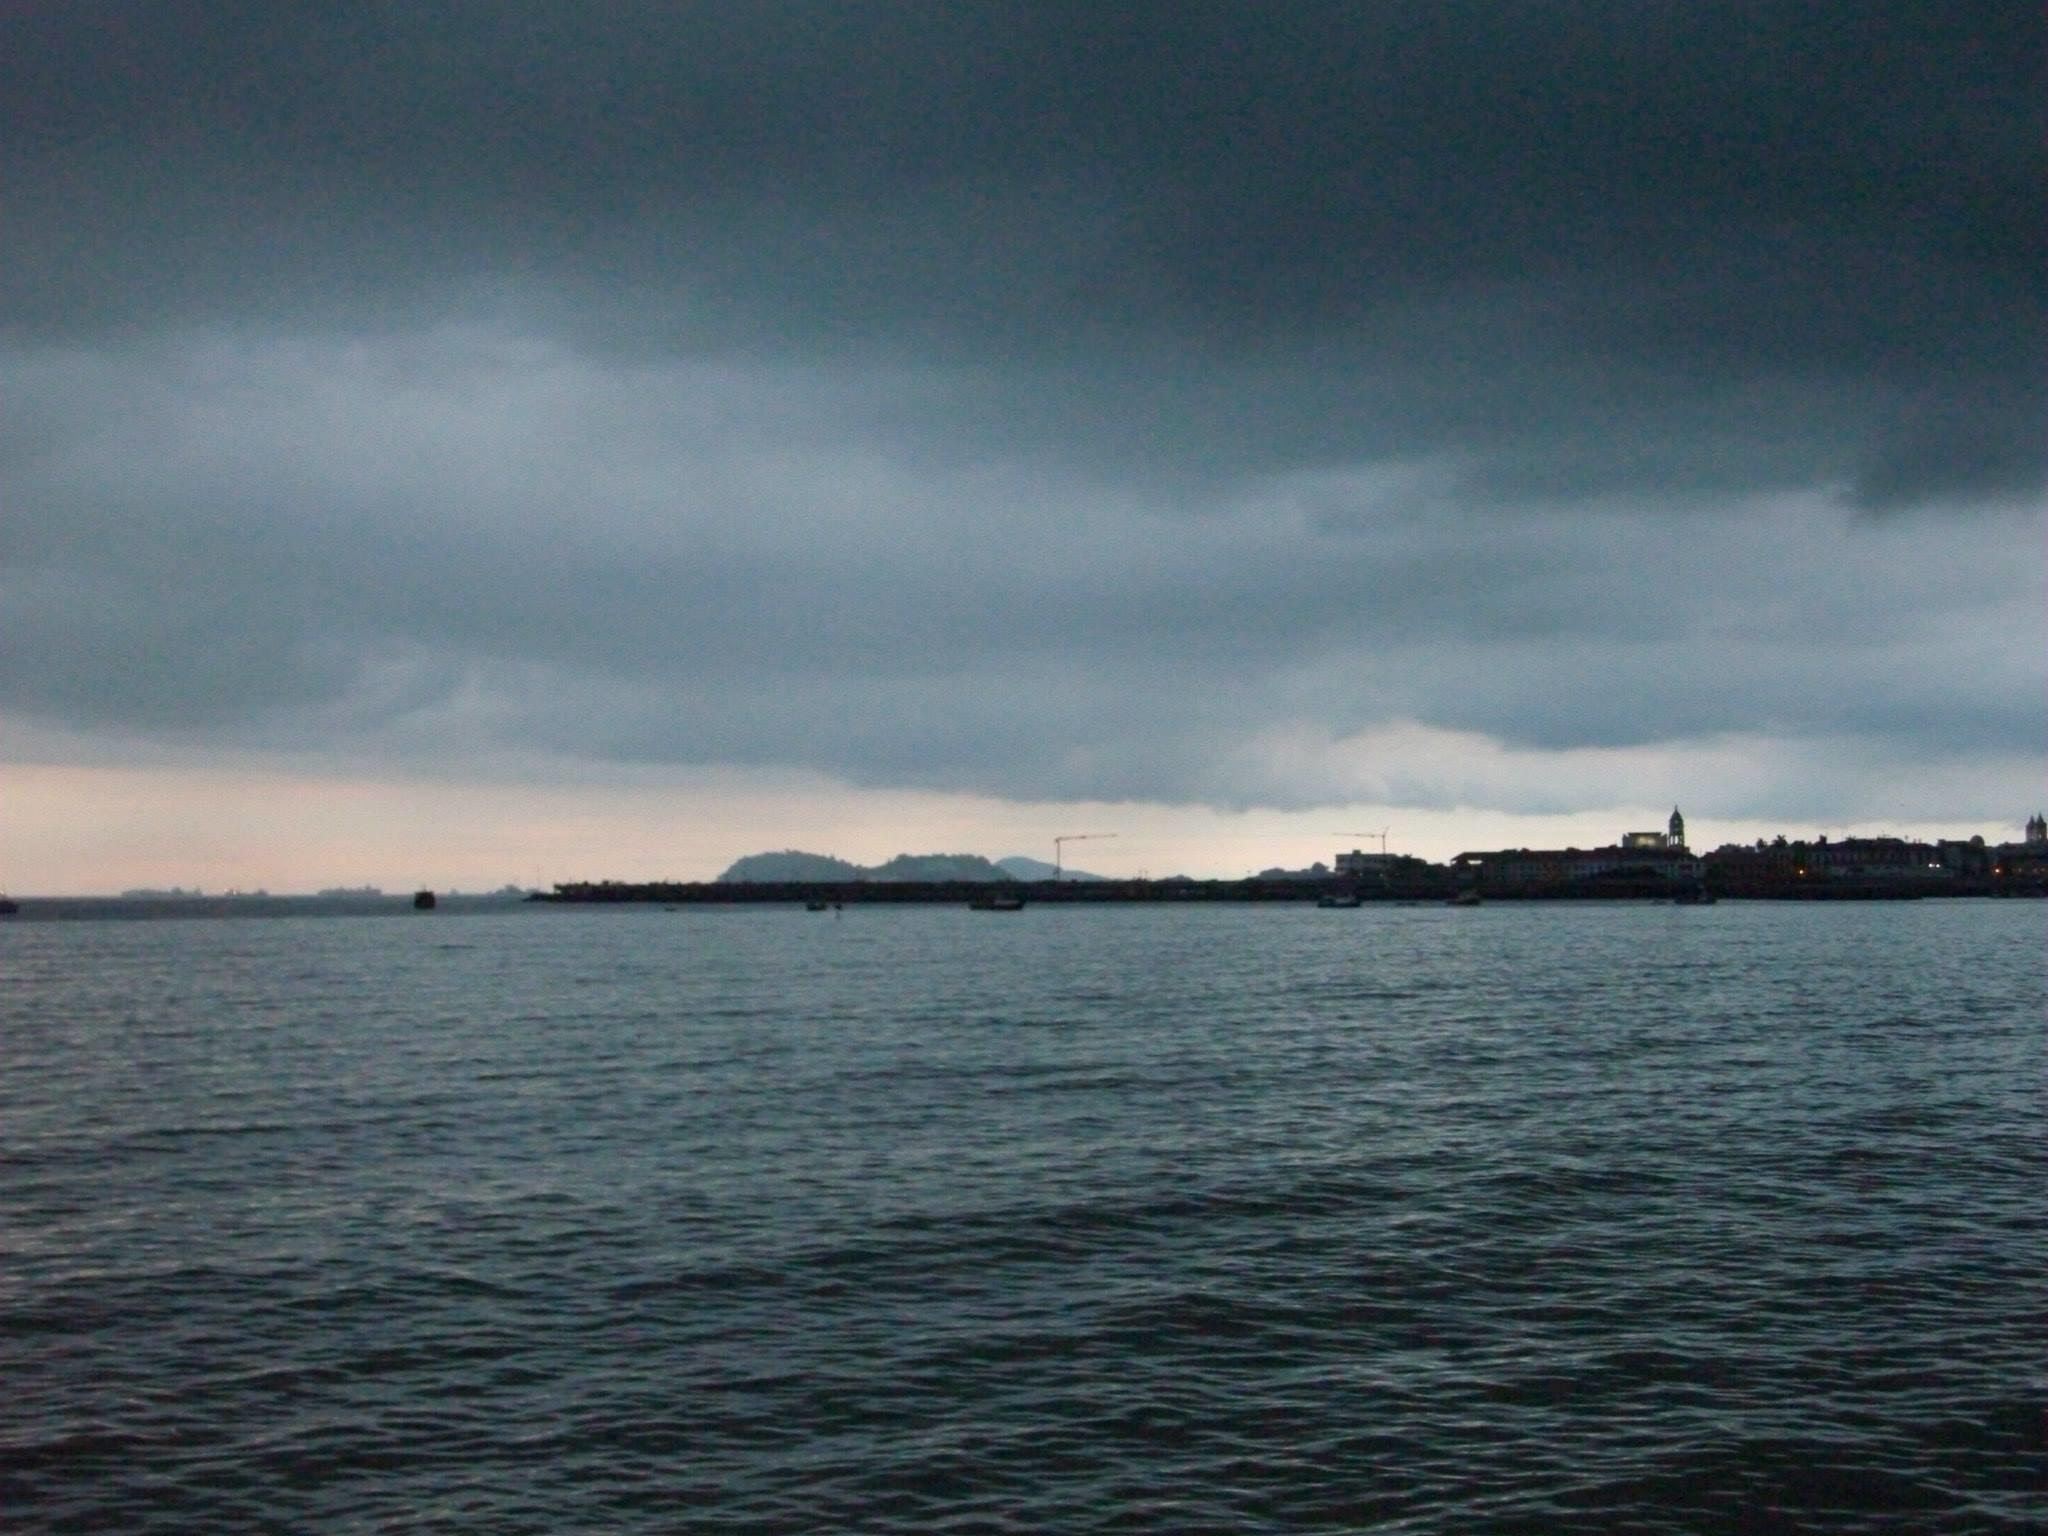 Panorámica de asentamiento humano a las orillas del mar.